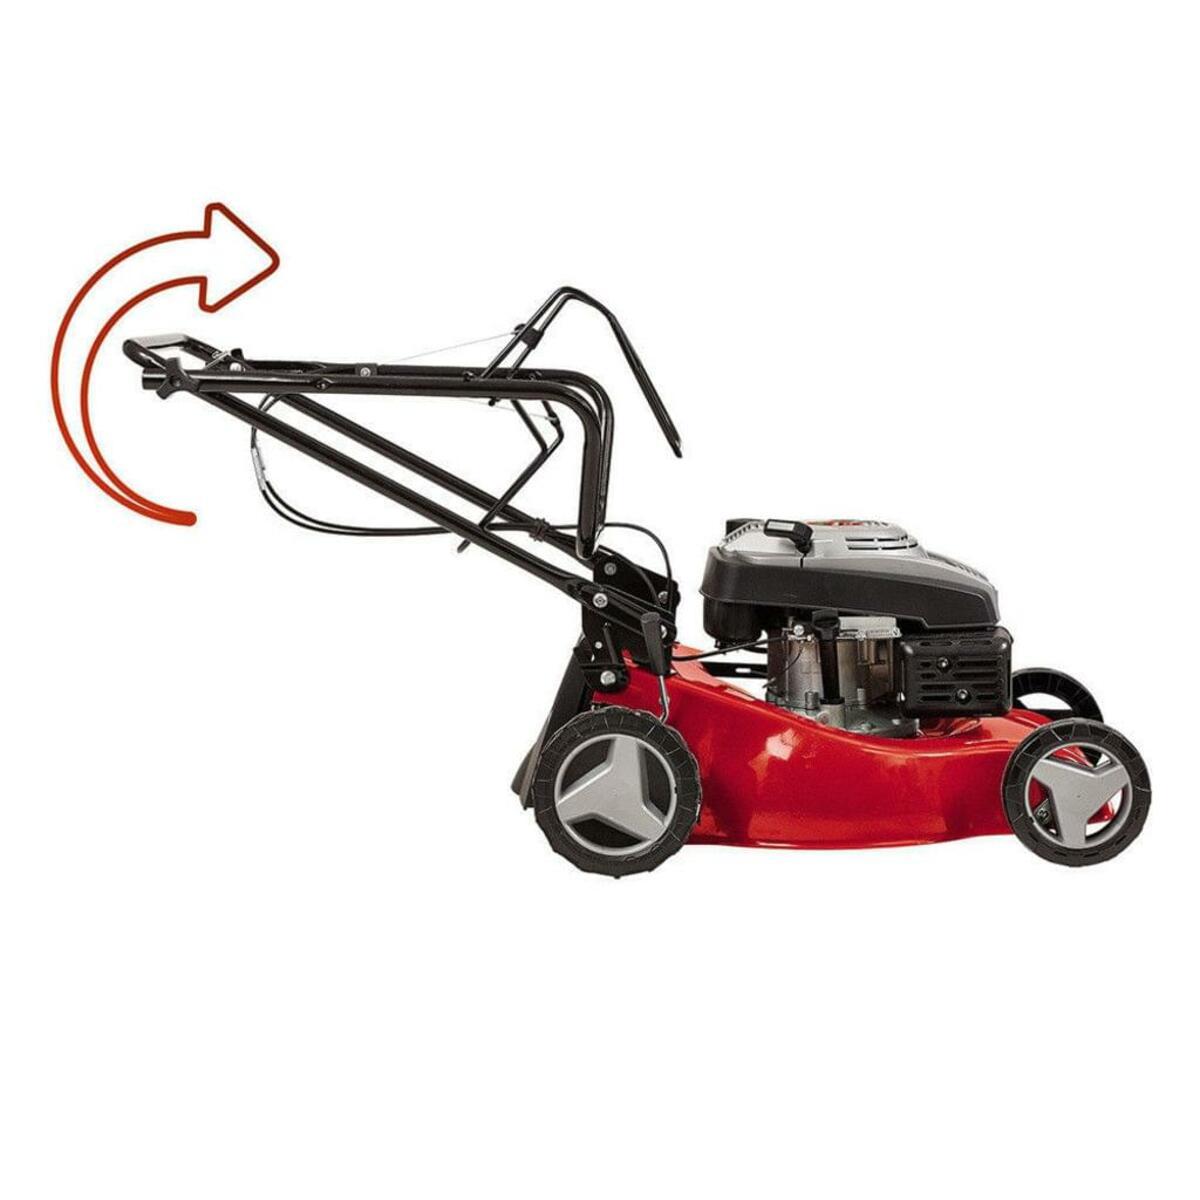 Bild 5 von Einhell Benzin Rasenmäher GC-PM 46, Leistung 1,9 kW, 1 Zylinder, 4-Takt-Motor, Schnittbreite 46 cm, Schnitthöhenverstellung zentral,  9 Stufen, 30-80 mm, Fangsackvolumen 50 Liter, 3404730